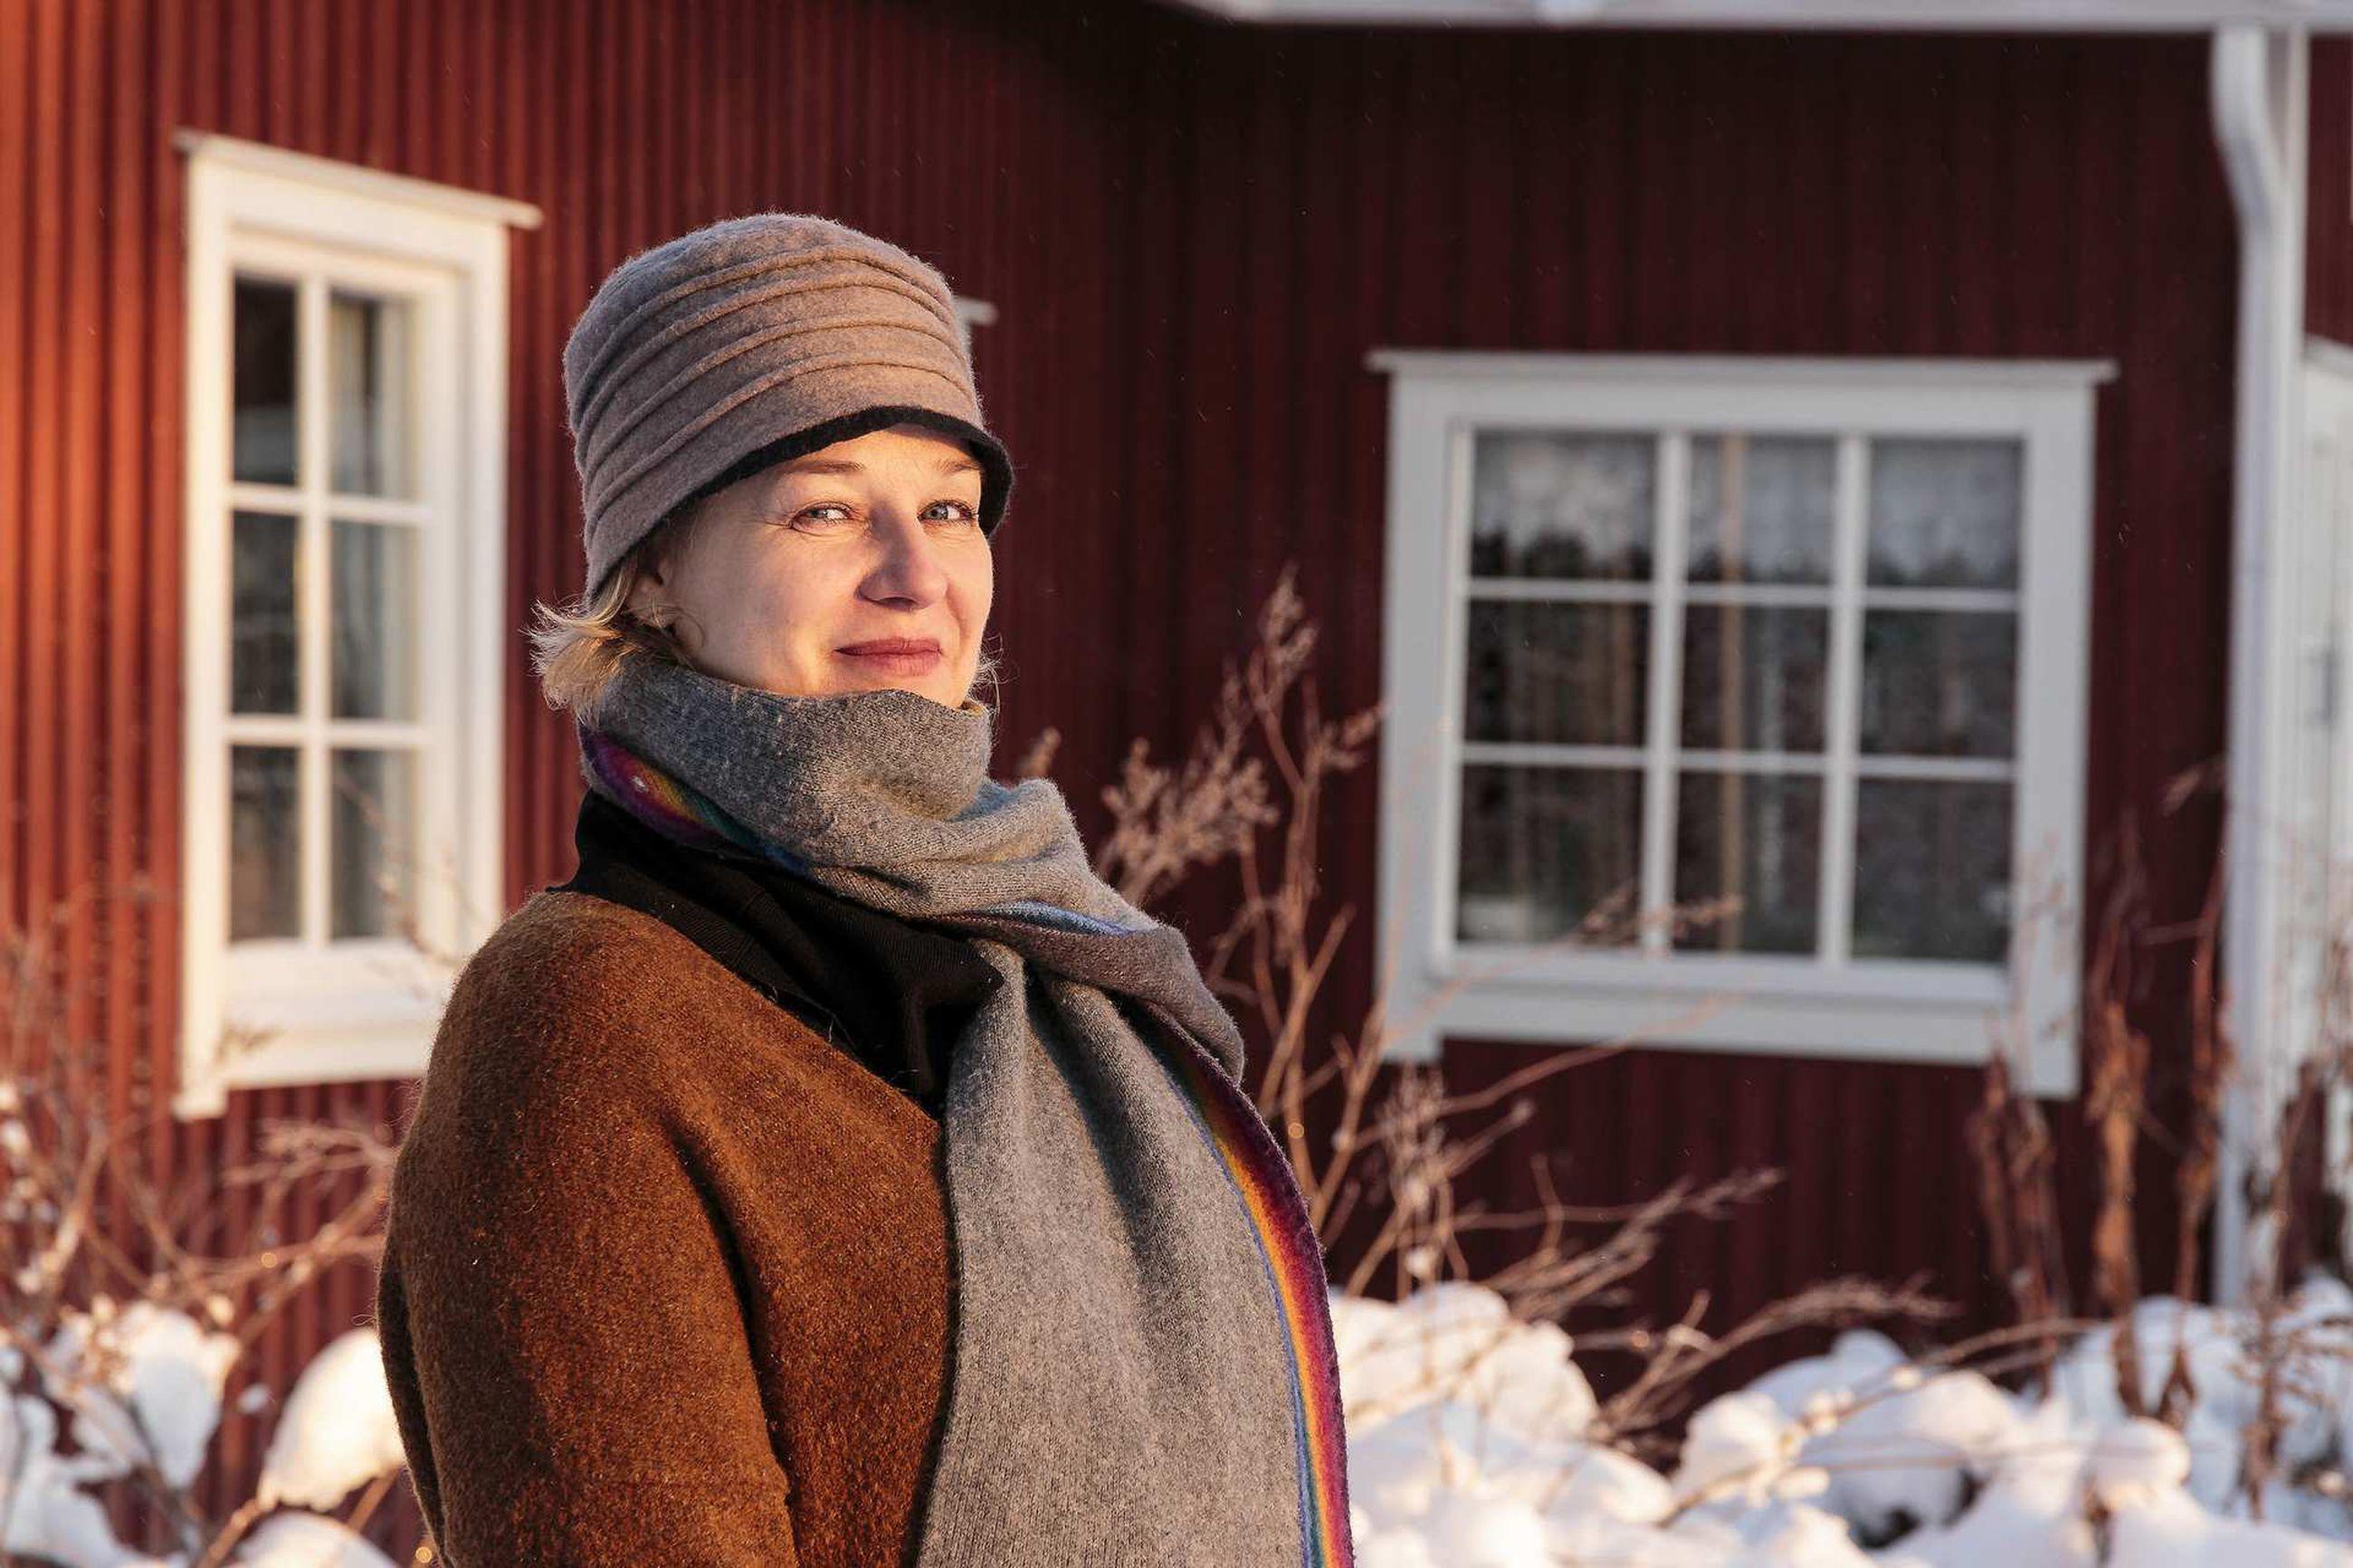 nainen etsii miestä sastamala suomalaiset naiset etsii miestä kemijärvi